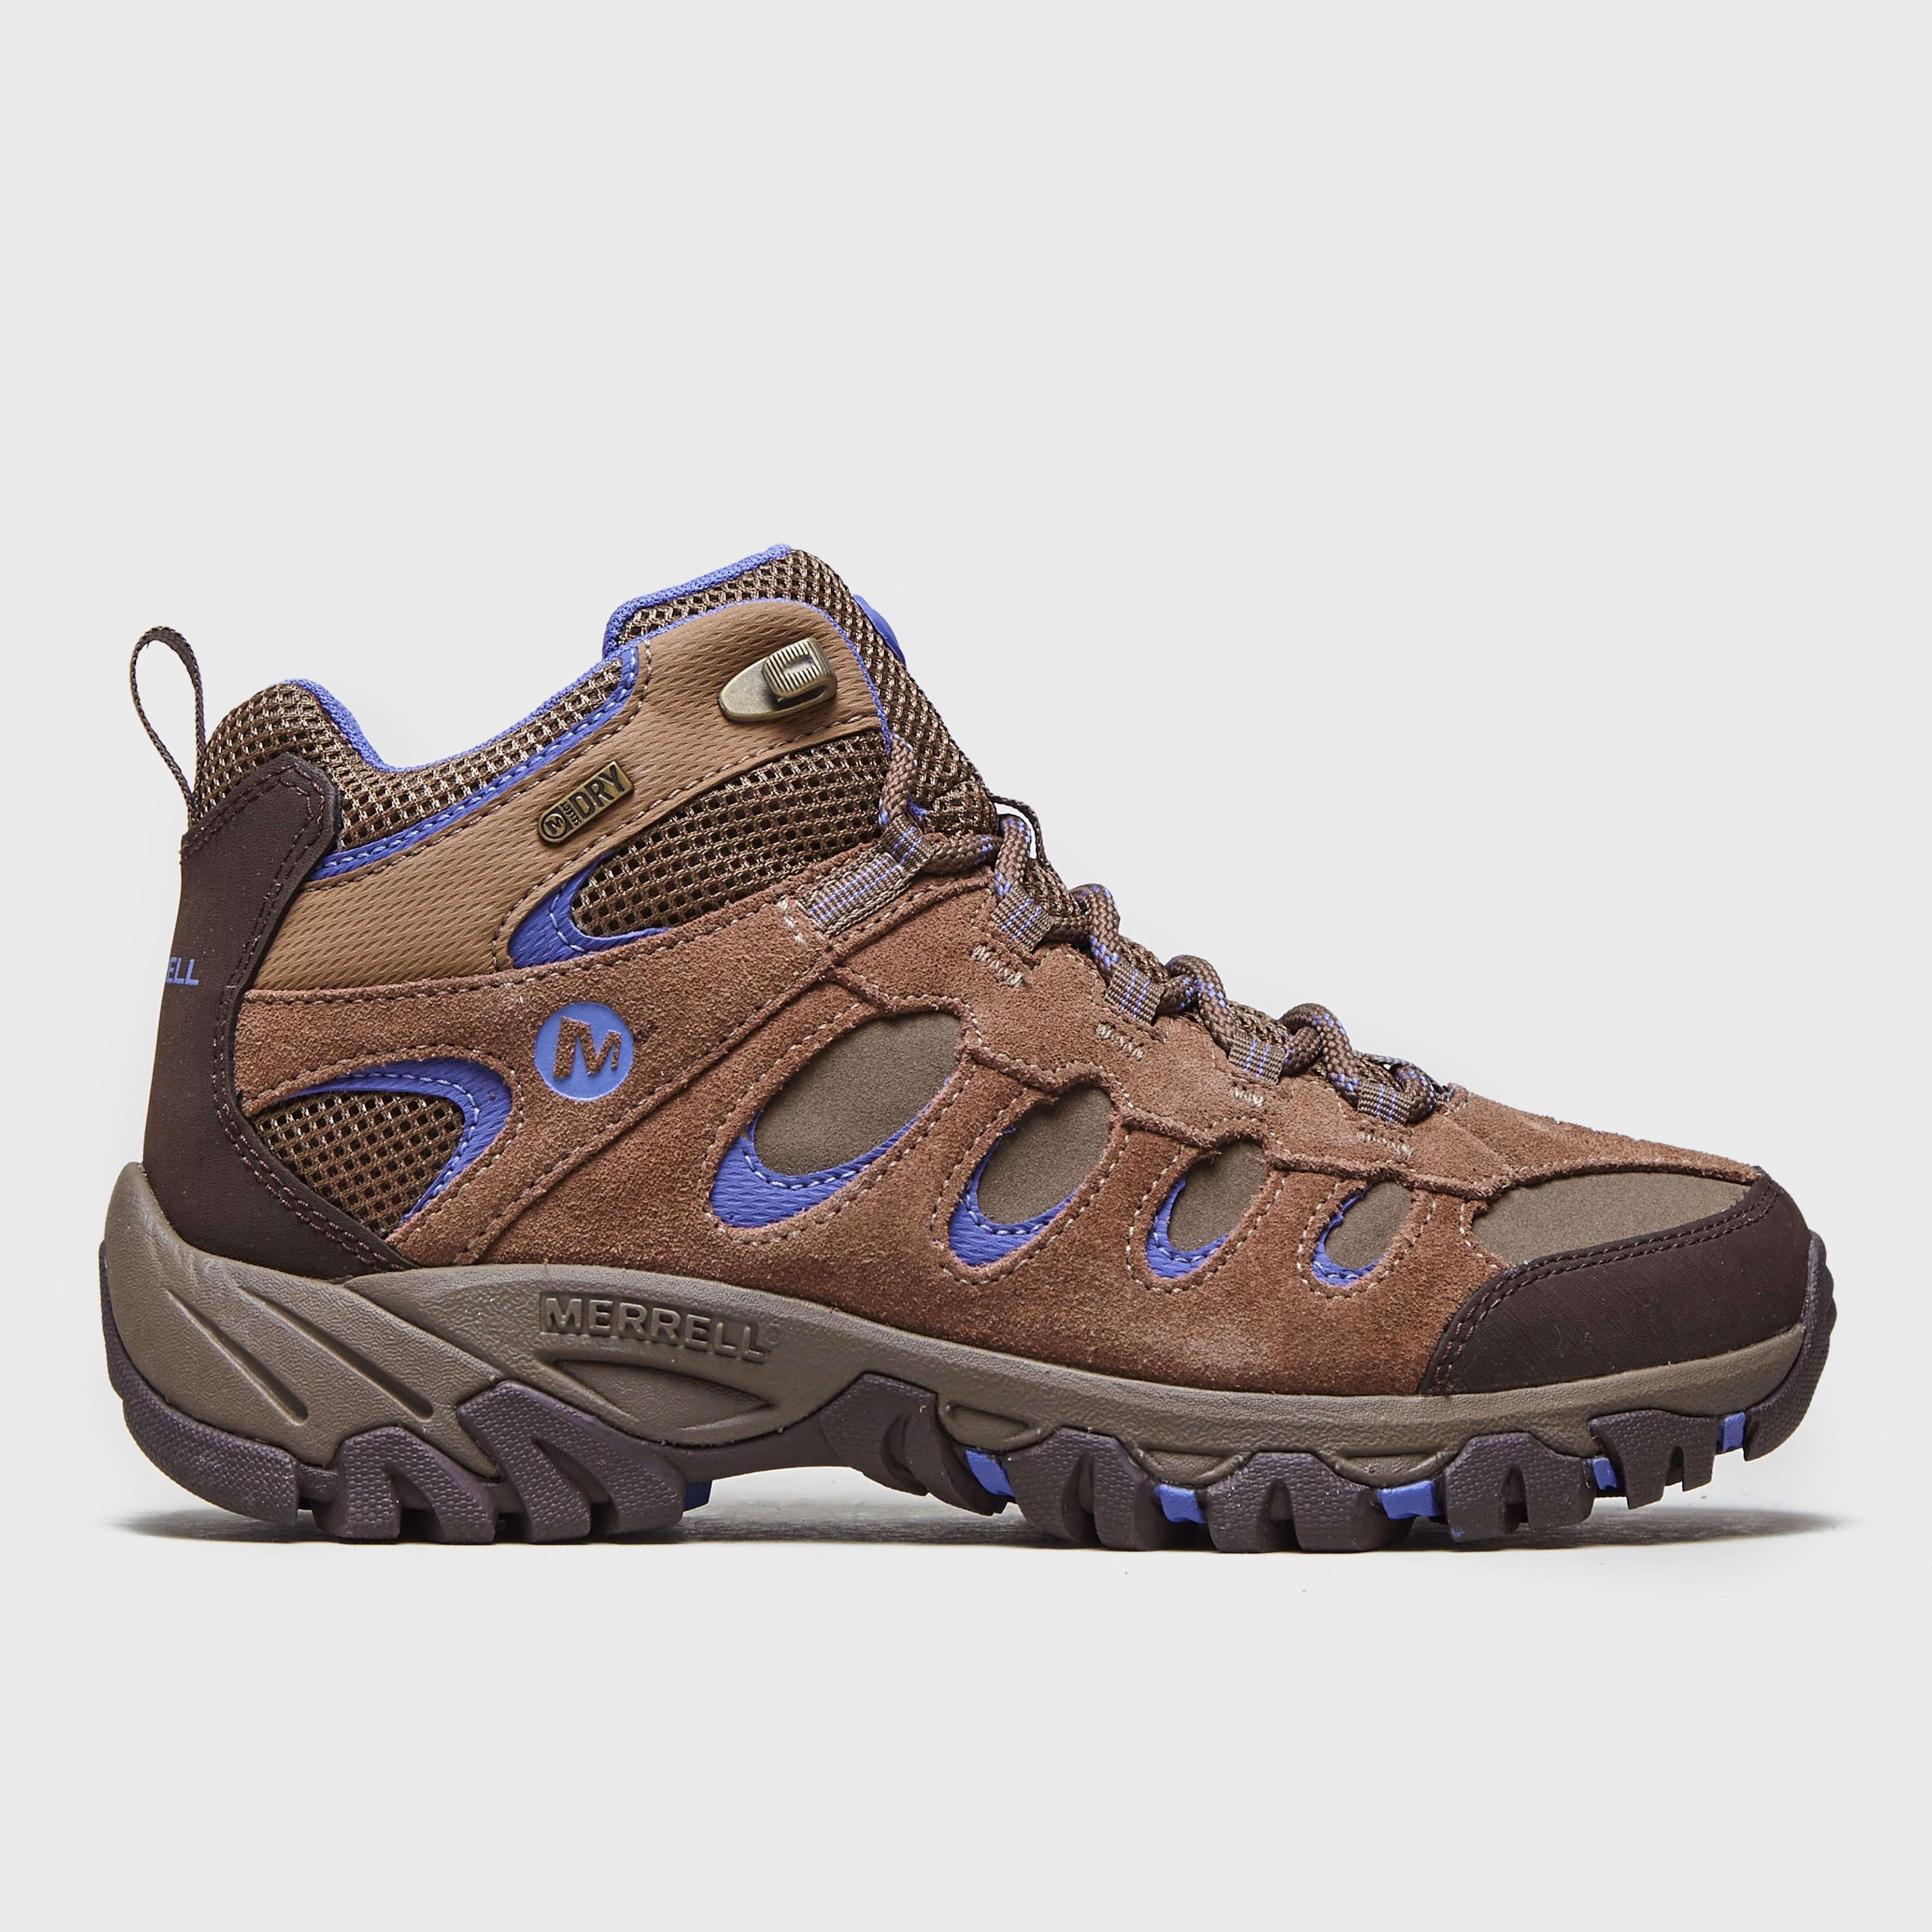 MERRELL Women's Ridgepass Mid Waterproof Shoes